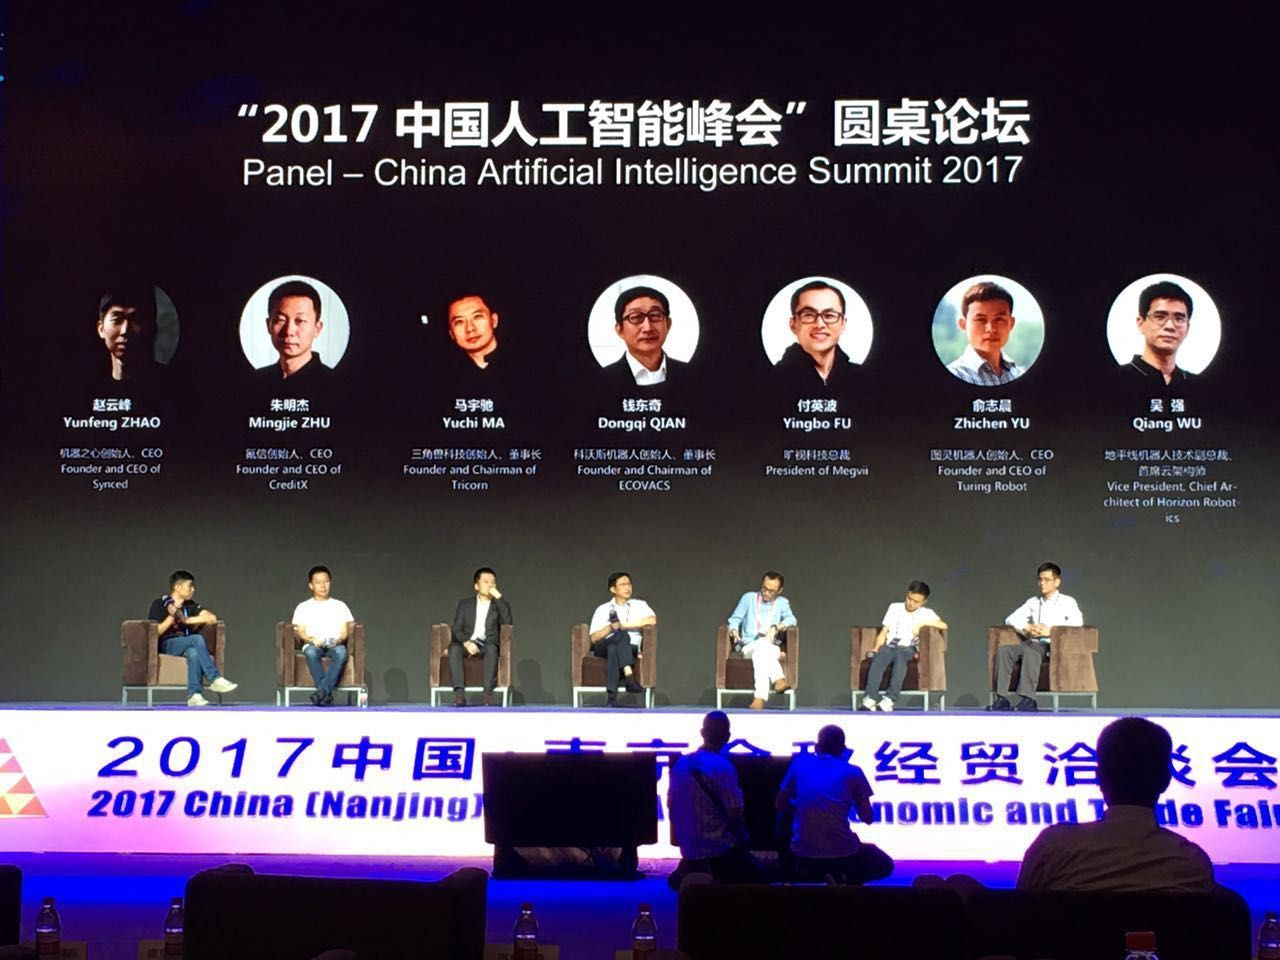 """语音识别、计算机视觉、无人驾驶……AI技术产业化的关键在于""""场景"""""""